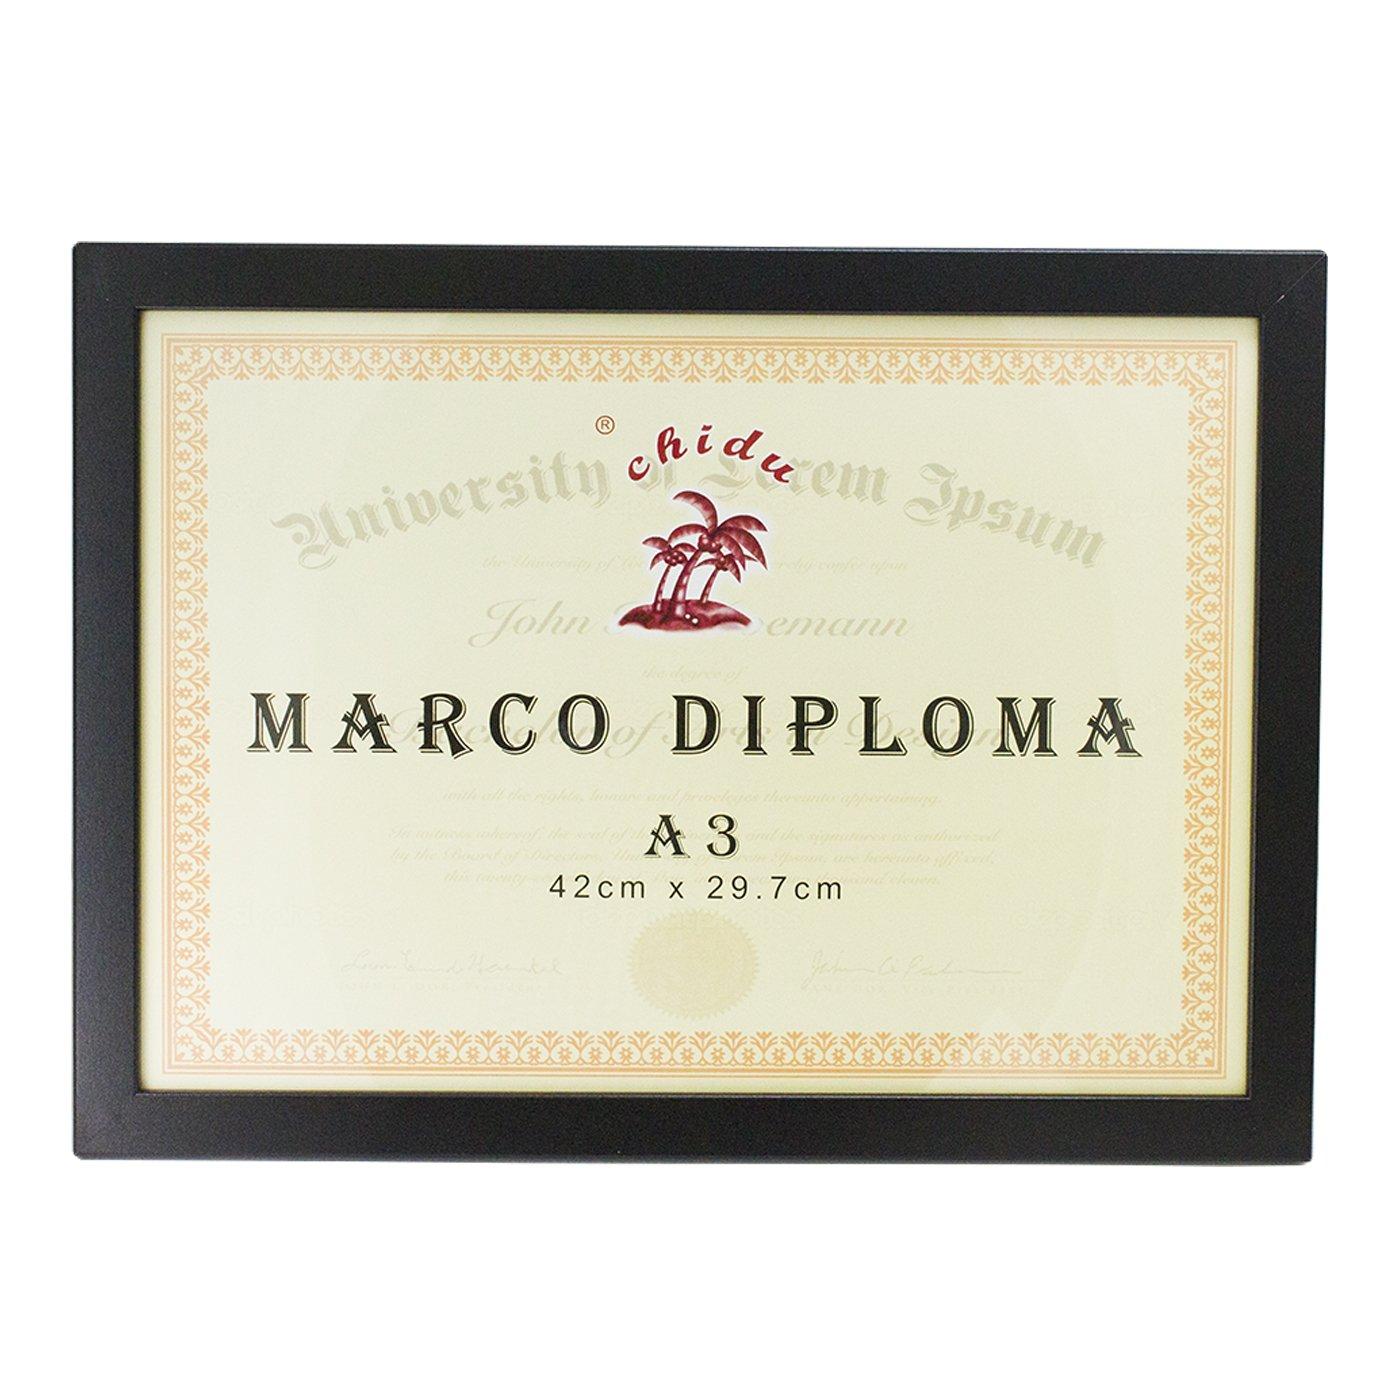 Marco negro para diploma A3 de 29,7 x 42 cm: Amazon.es: Hogar